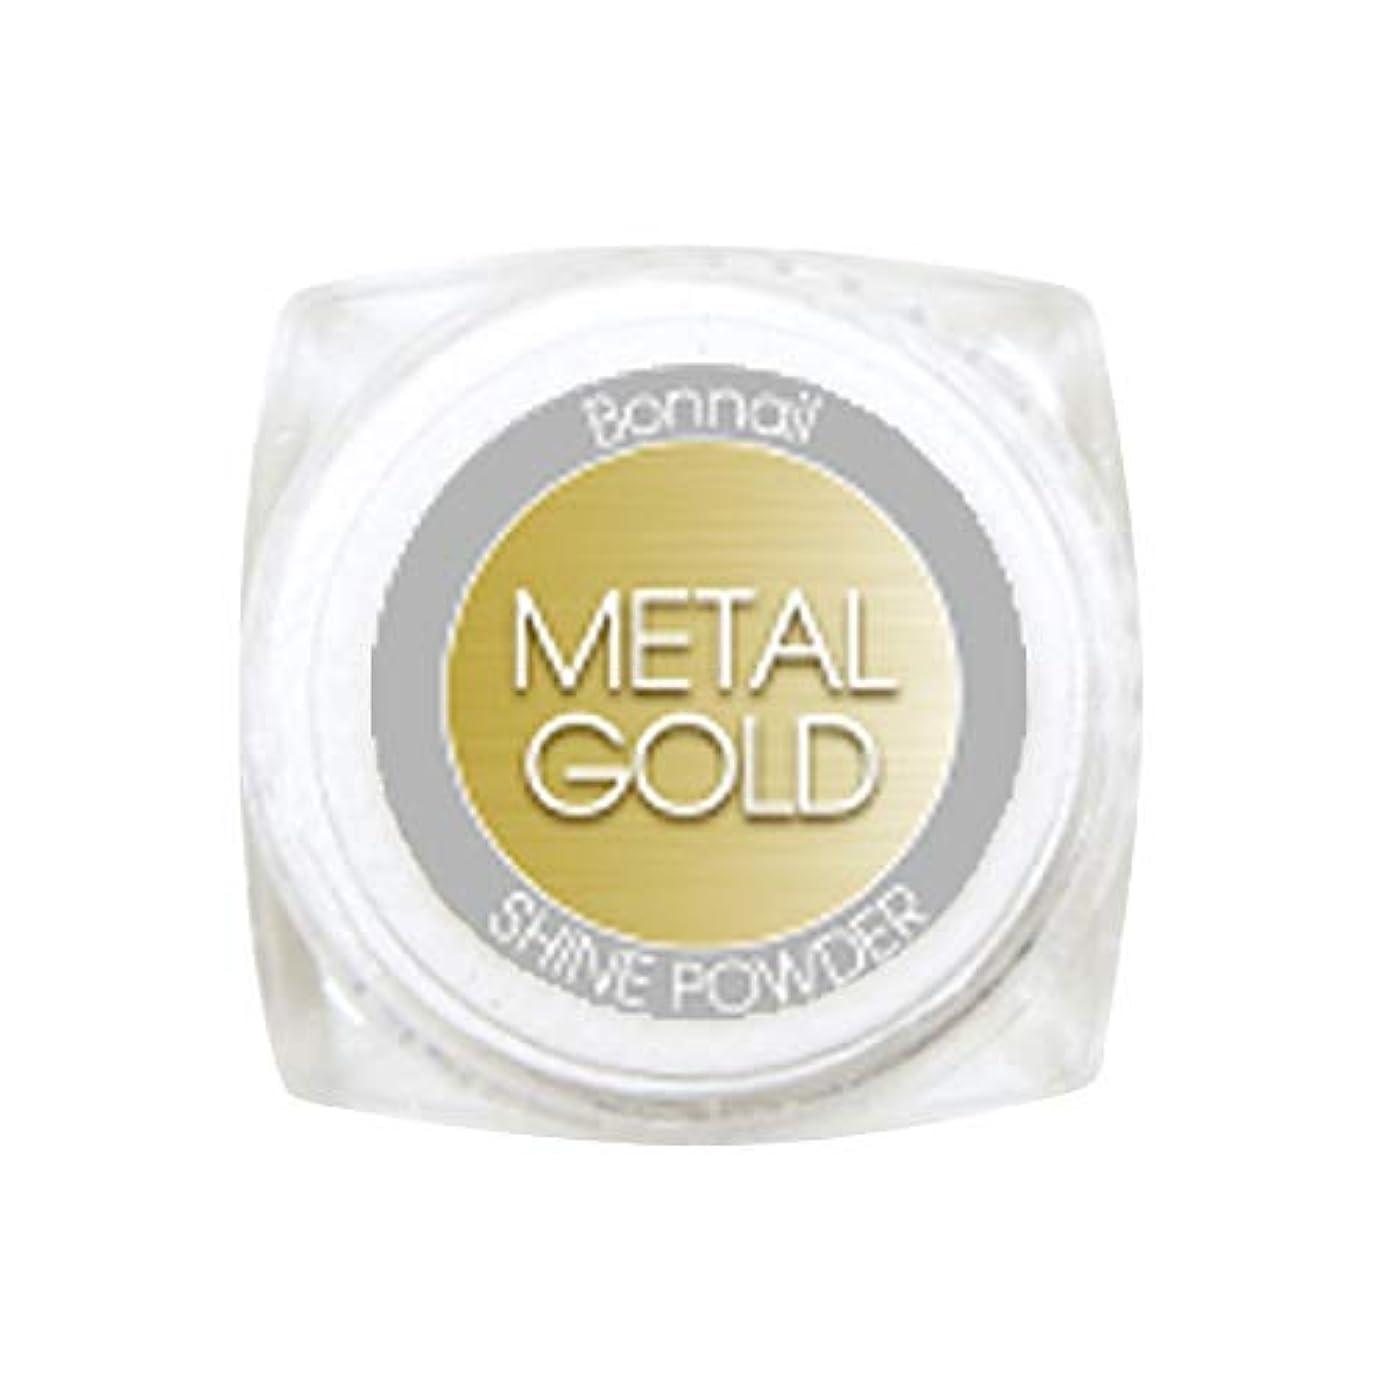 ヘクタールマイクロフォン血色の良いBonnail シャインパウダー メタルゴールド